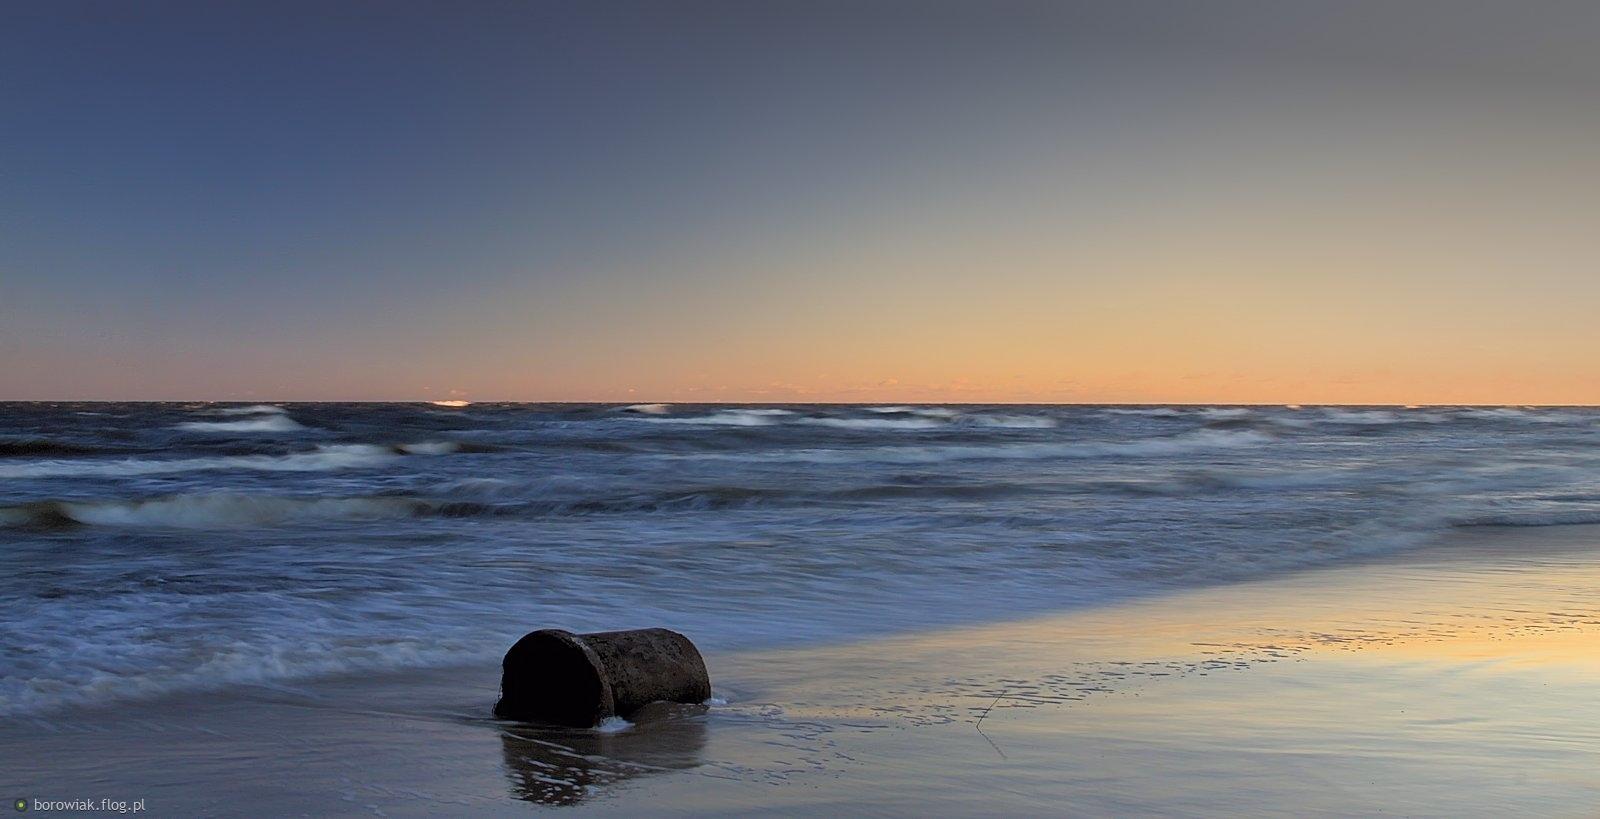 Morze zabiera co może...